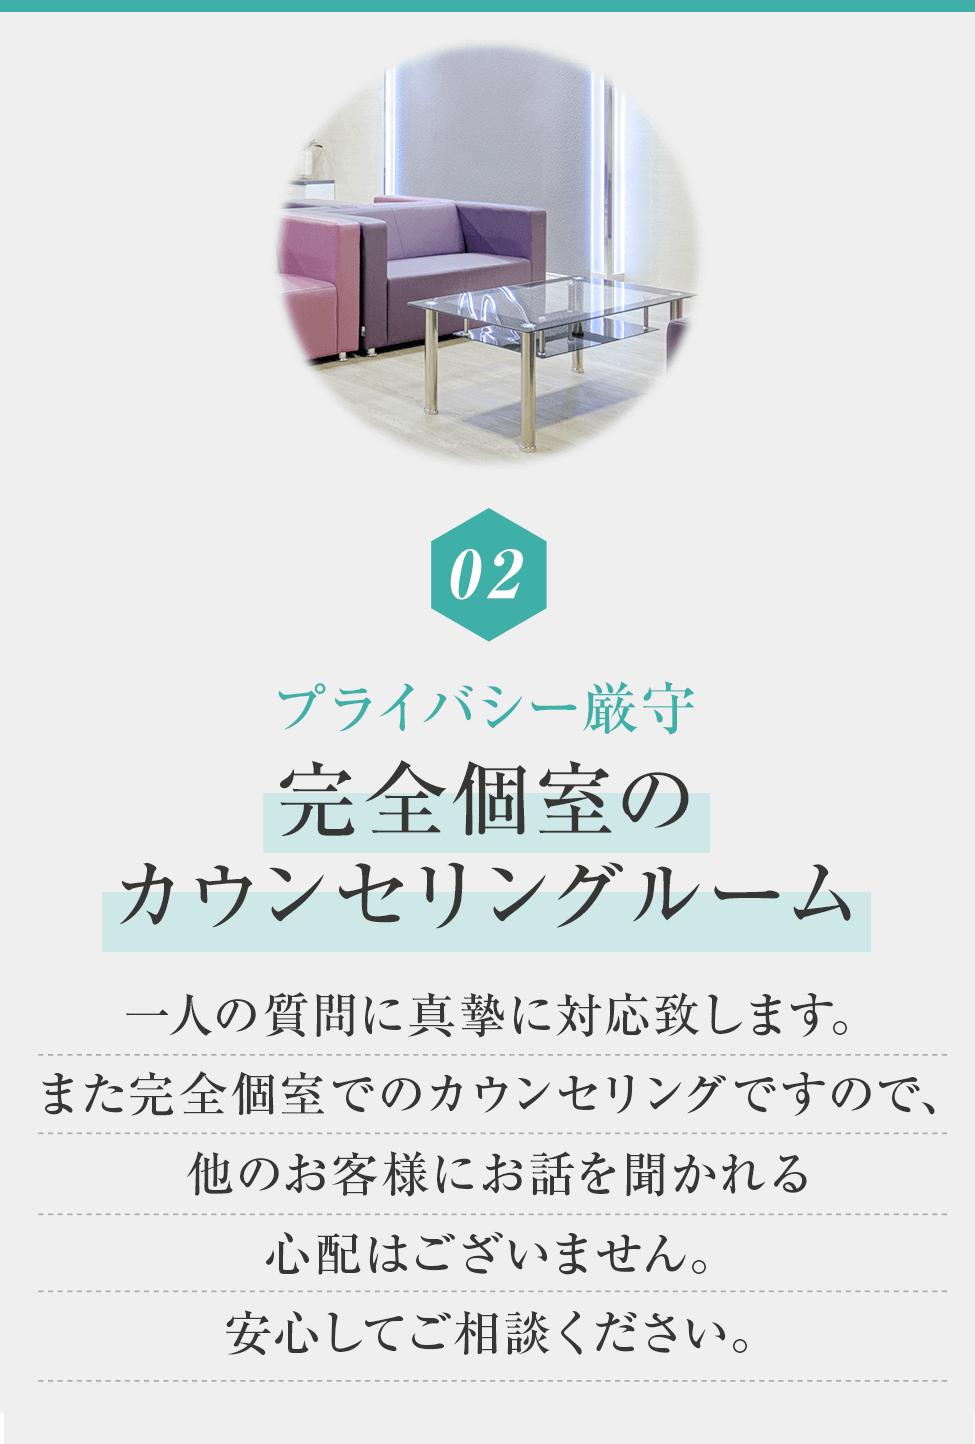 02プライバシー厳守完全個室のカウンセリングルーム